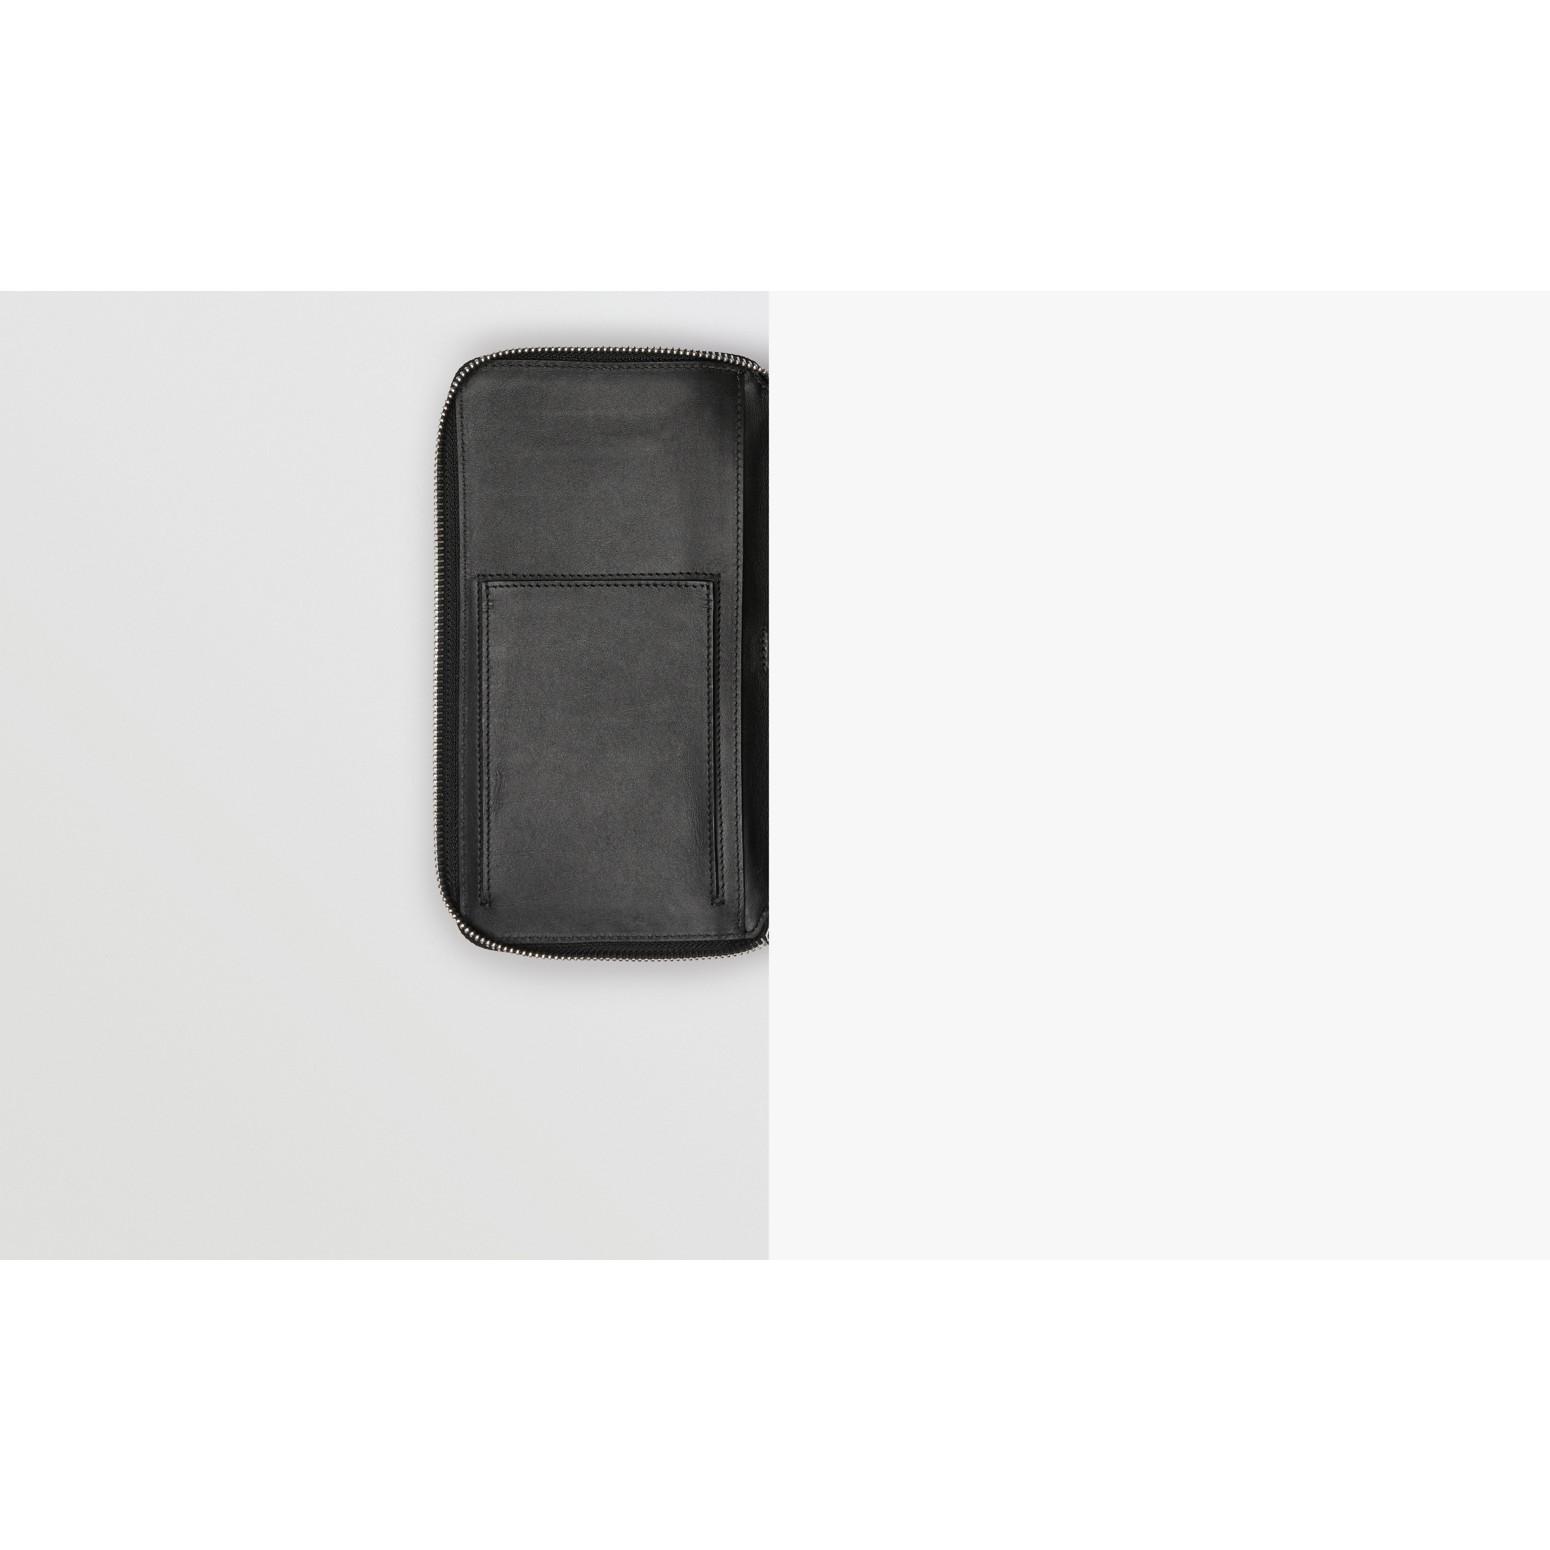 Reisebrieftasche aus London Check-Gewebe (Anthrazit/schwarz) - Herren   Burberry - Galerie-Bild 1